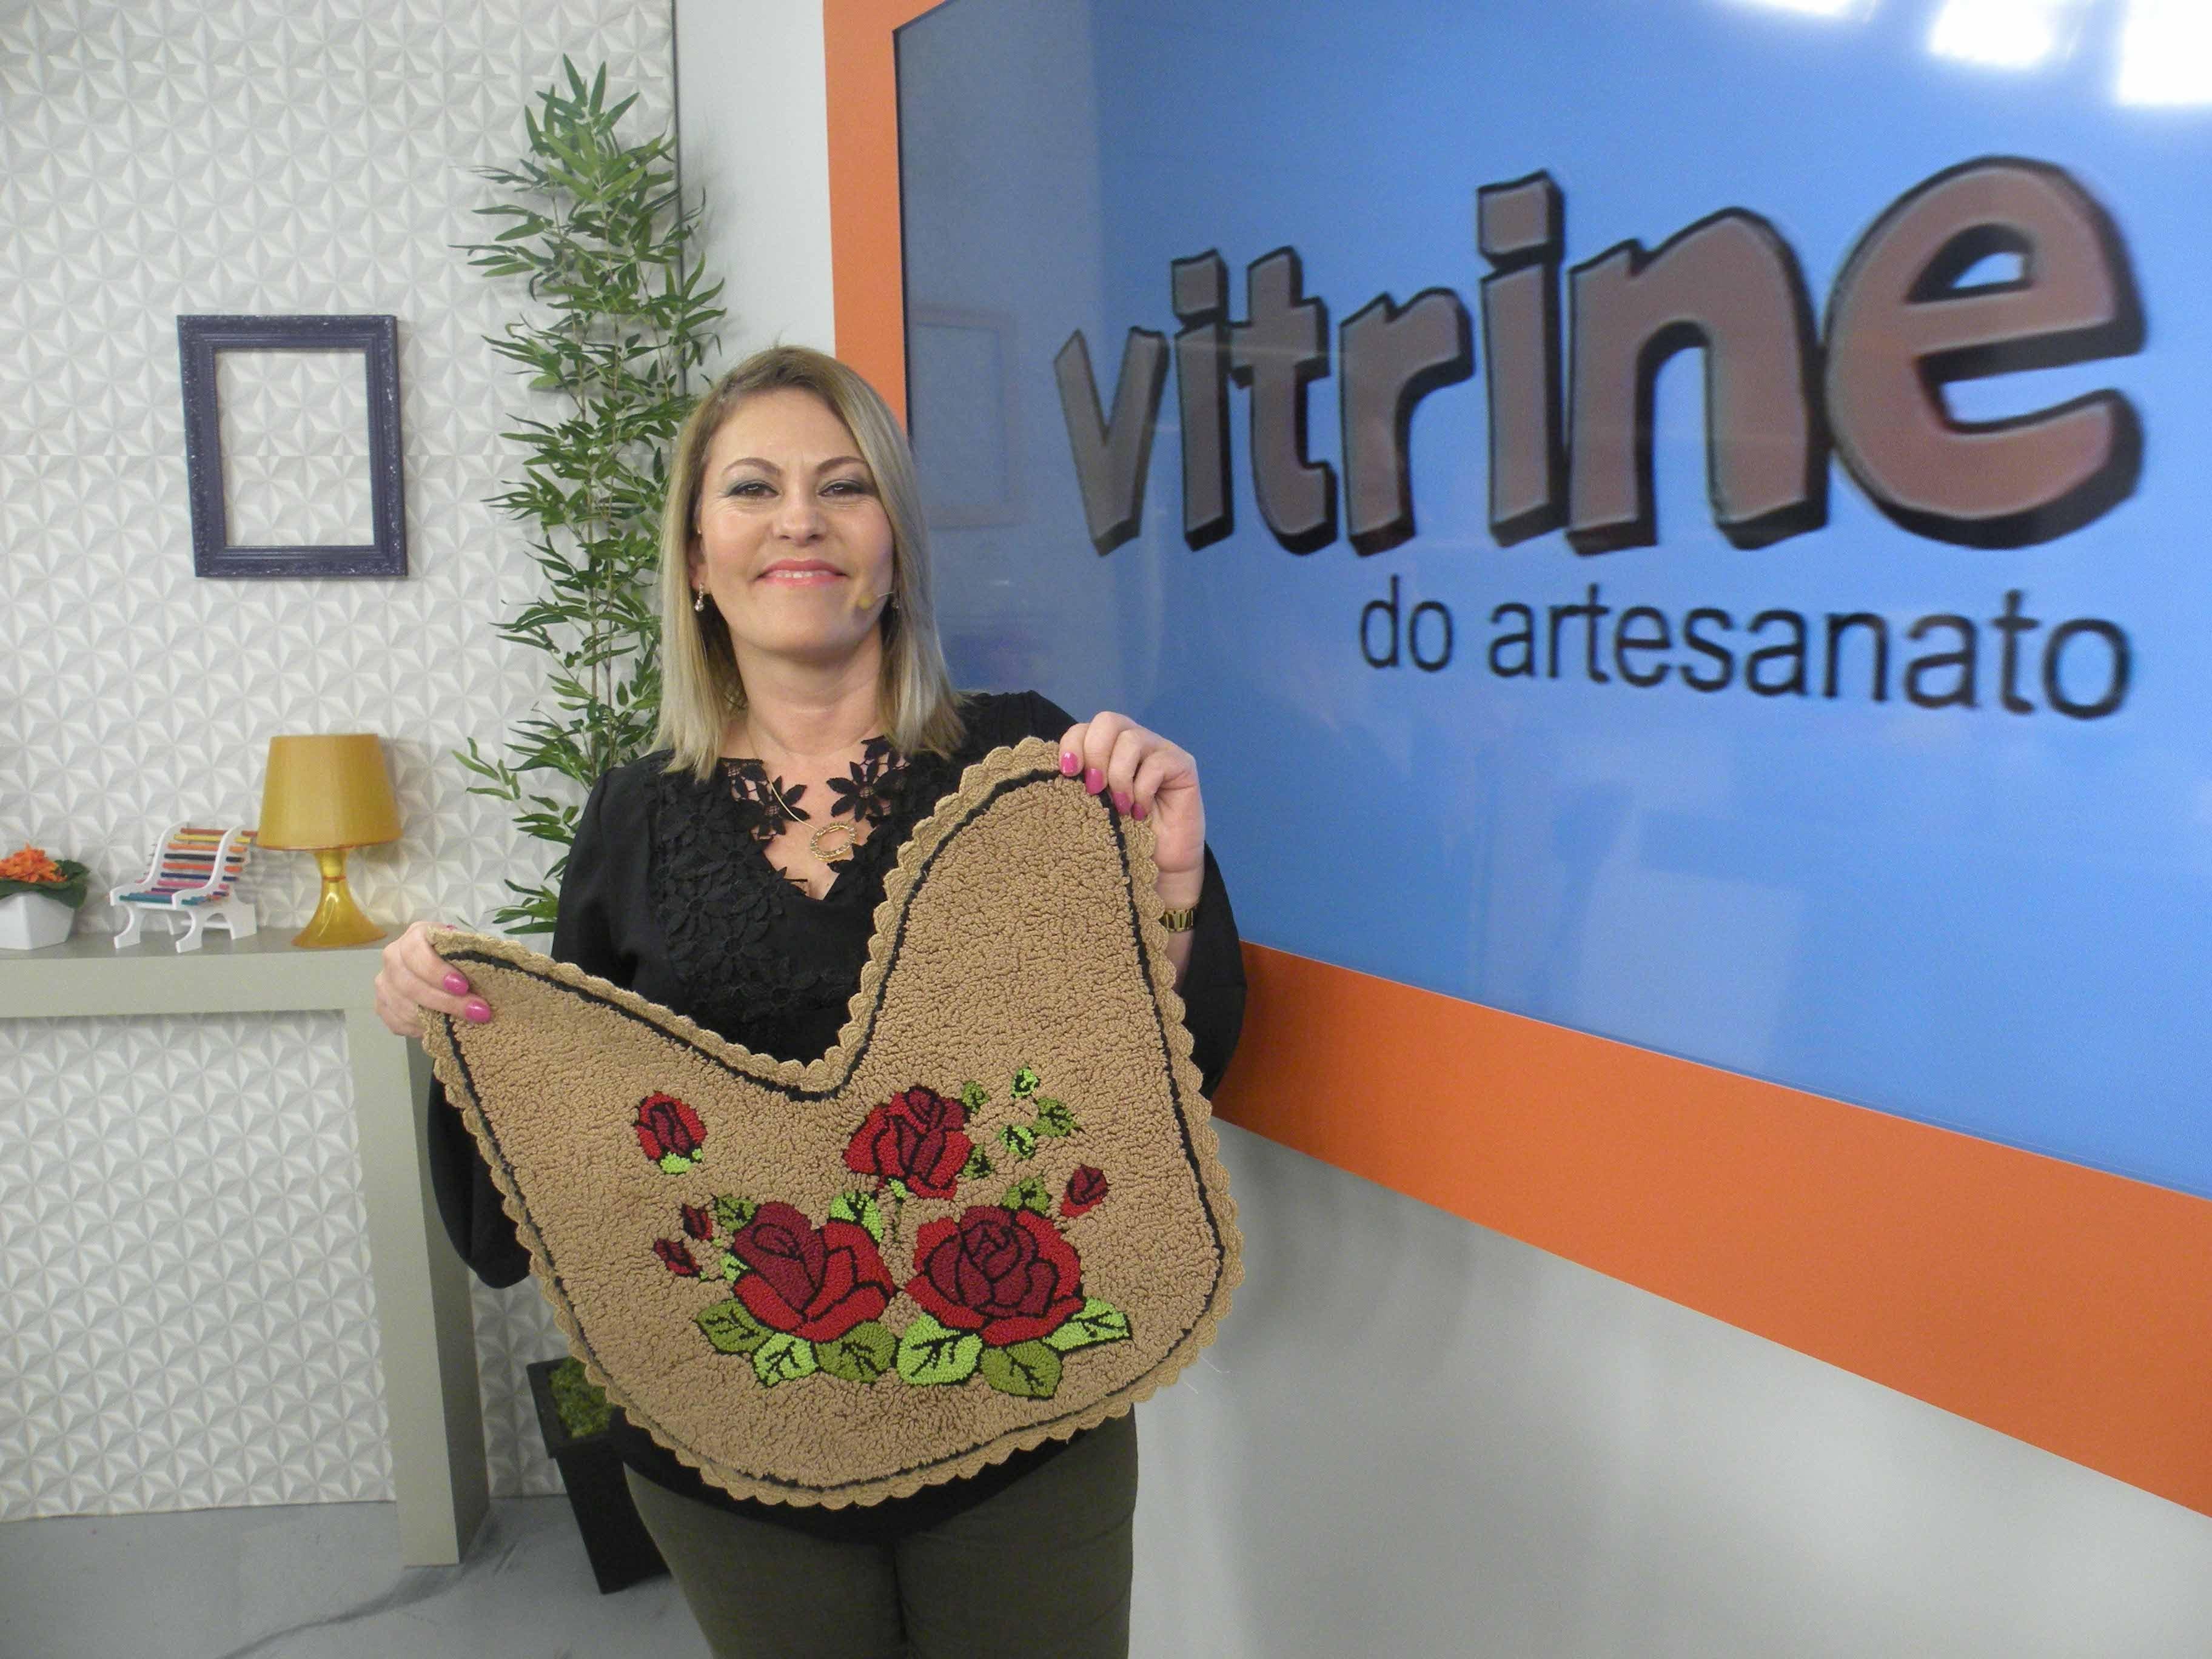 Conjunto de Banheiro em Agulha Mágica com Tânia Silva | Vitrine do Artesanato na TV